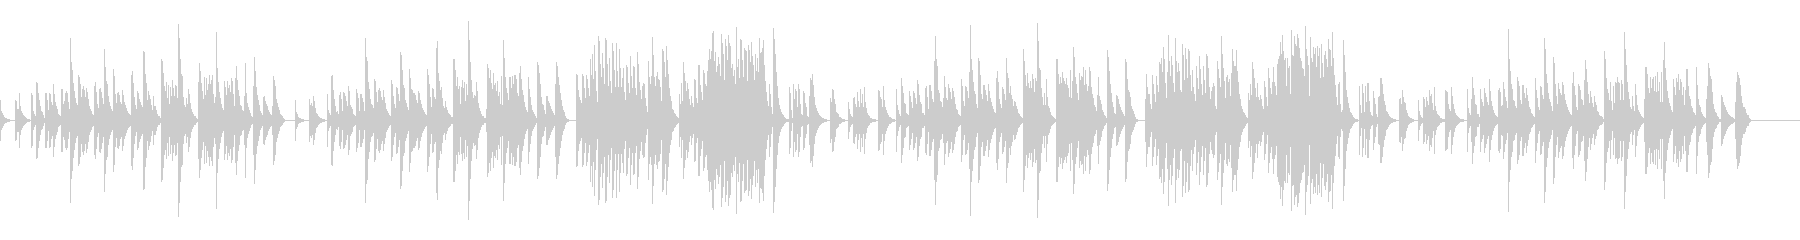 キラキラ星変奏曲(VarXⅠ)オルゴールの未再生の波形